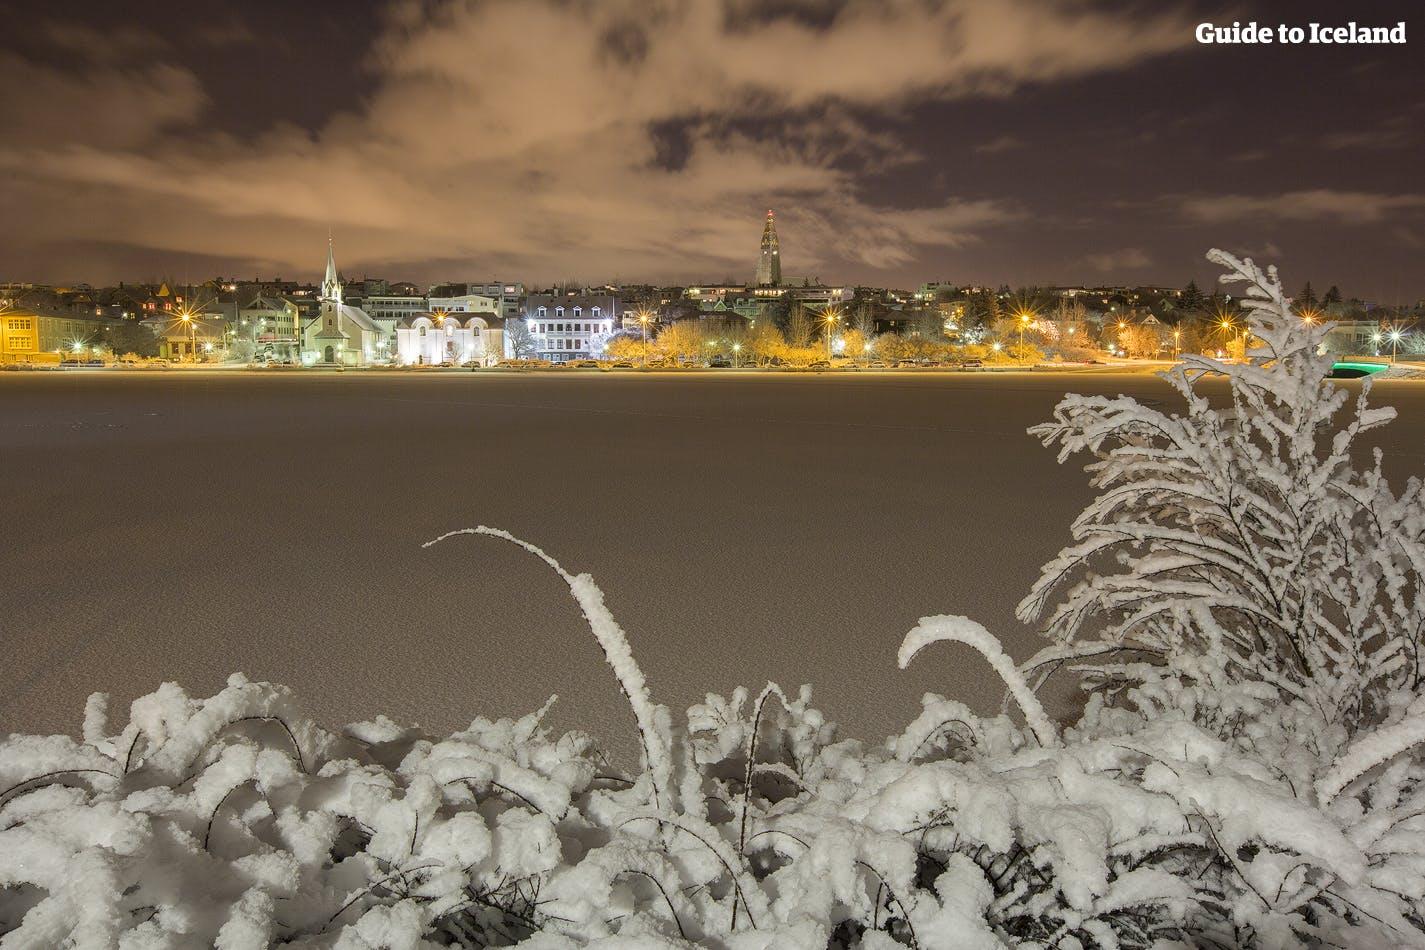 冰岛首都雷克雅未克是世界最北首都,冬季雪景迷人